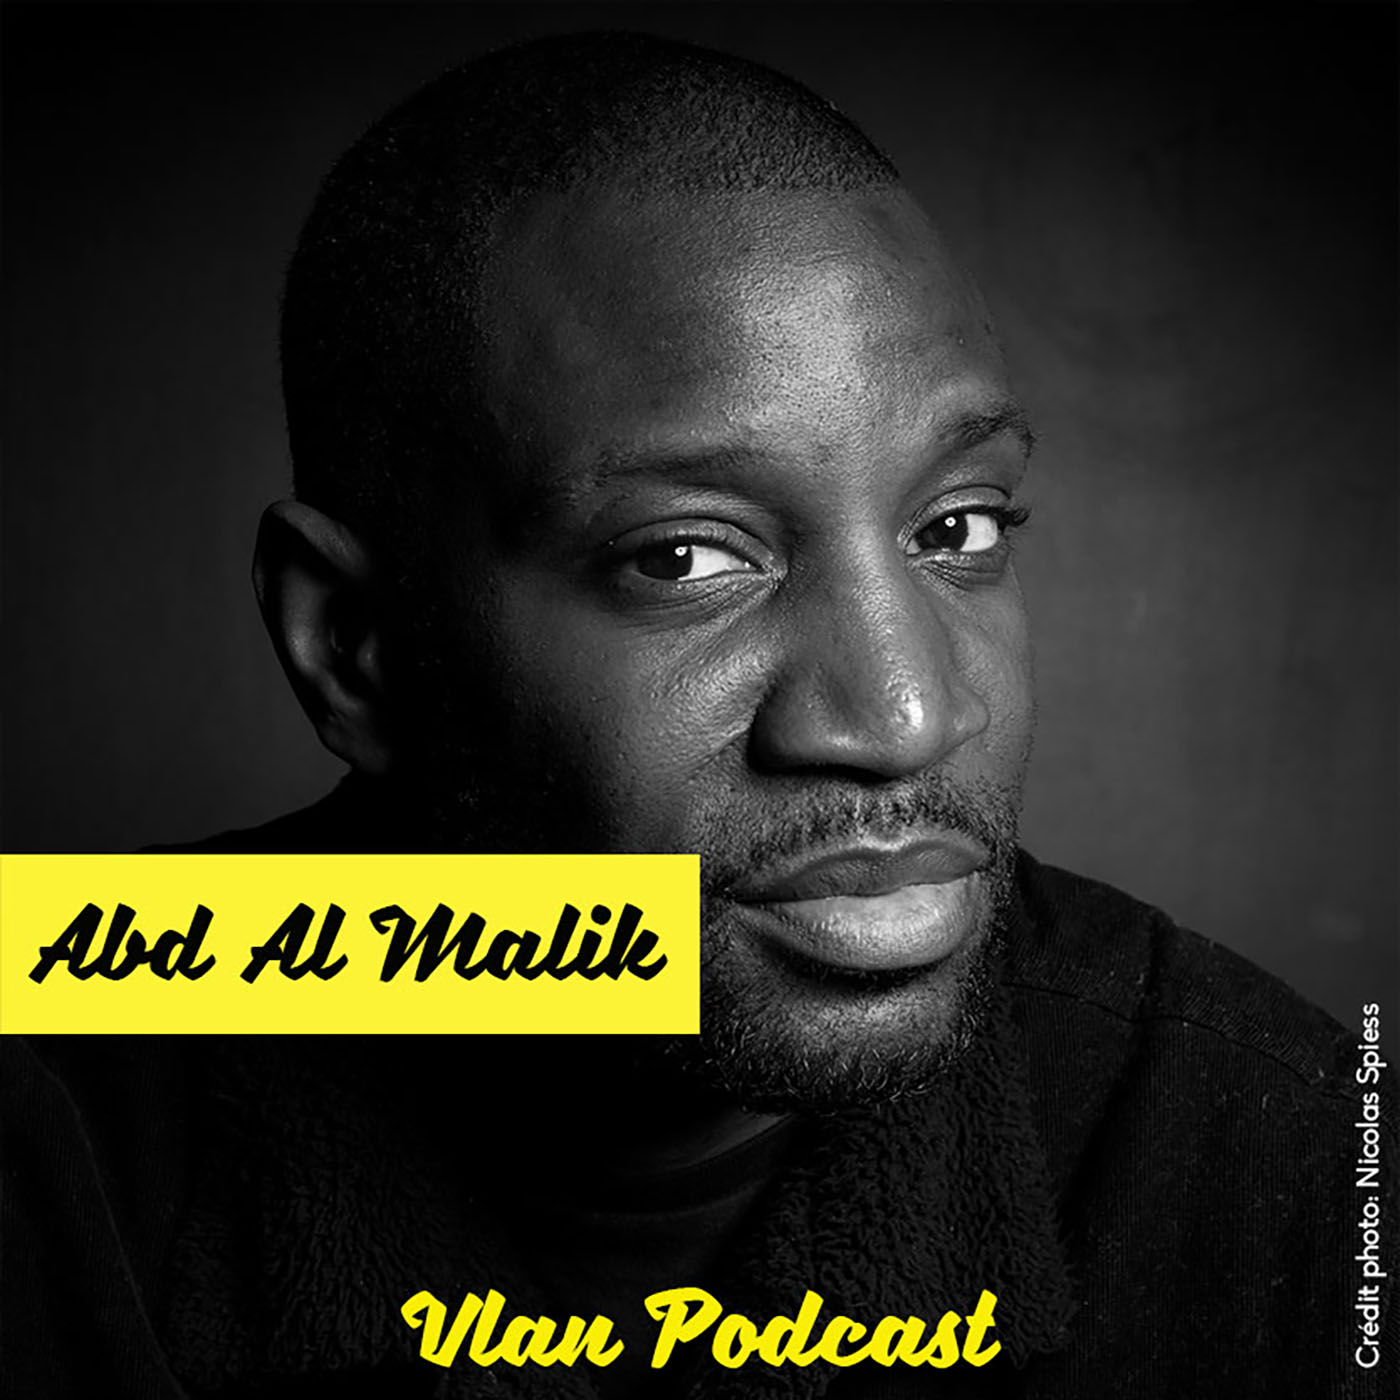 [REDIFF] Pourquoi les artistes peuvent changer le monde avec Abd Al Malik